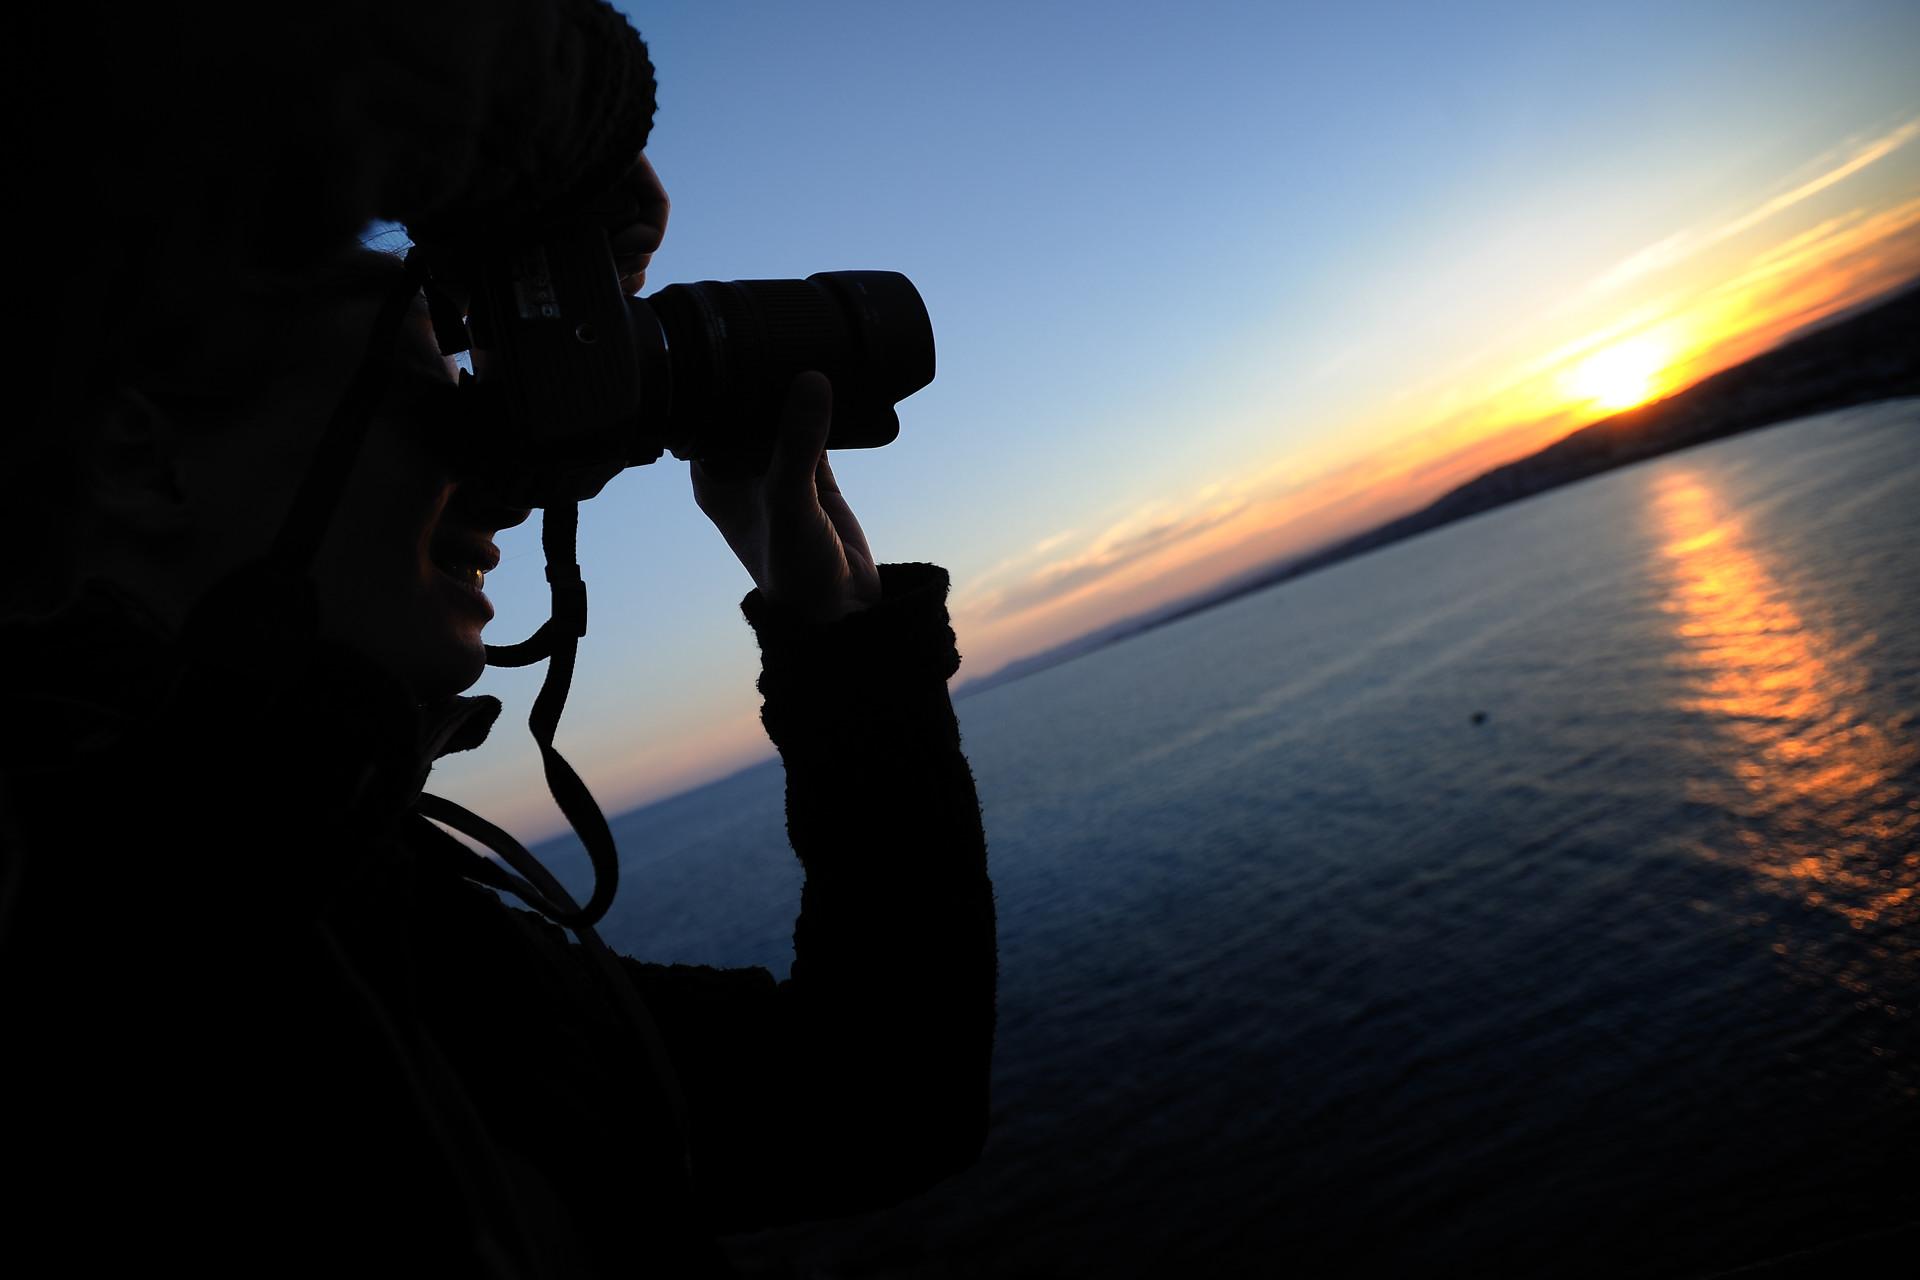 Formation photographe : nécessaire au moment voulu